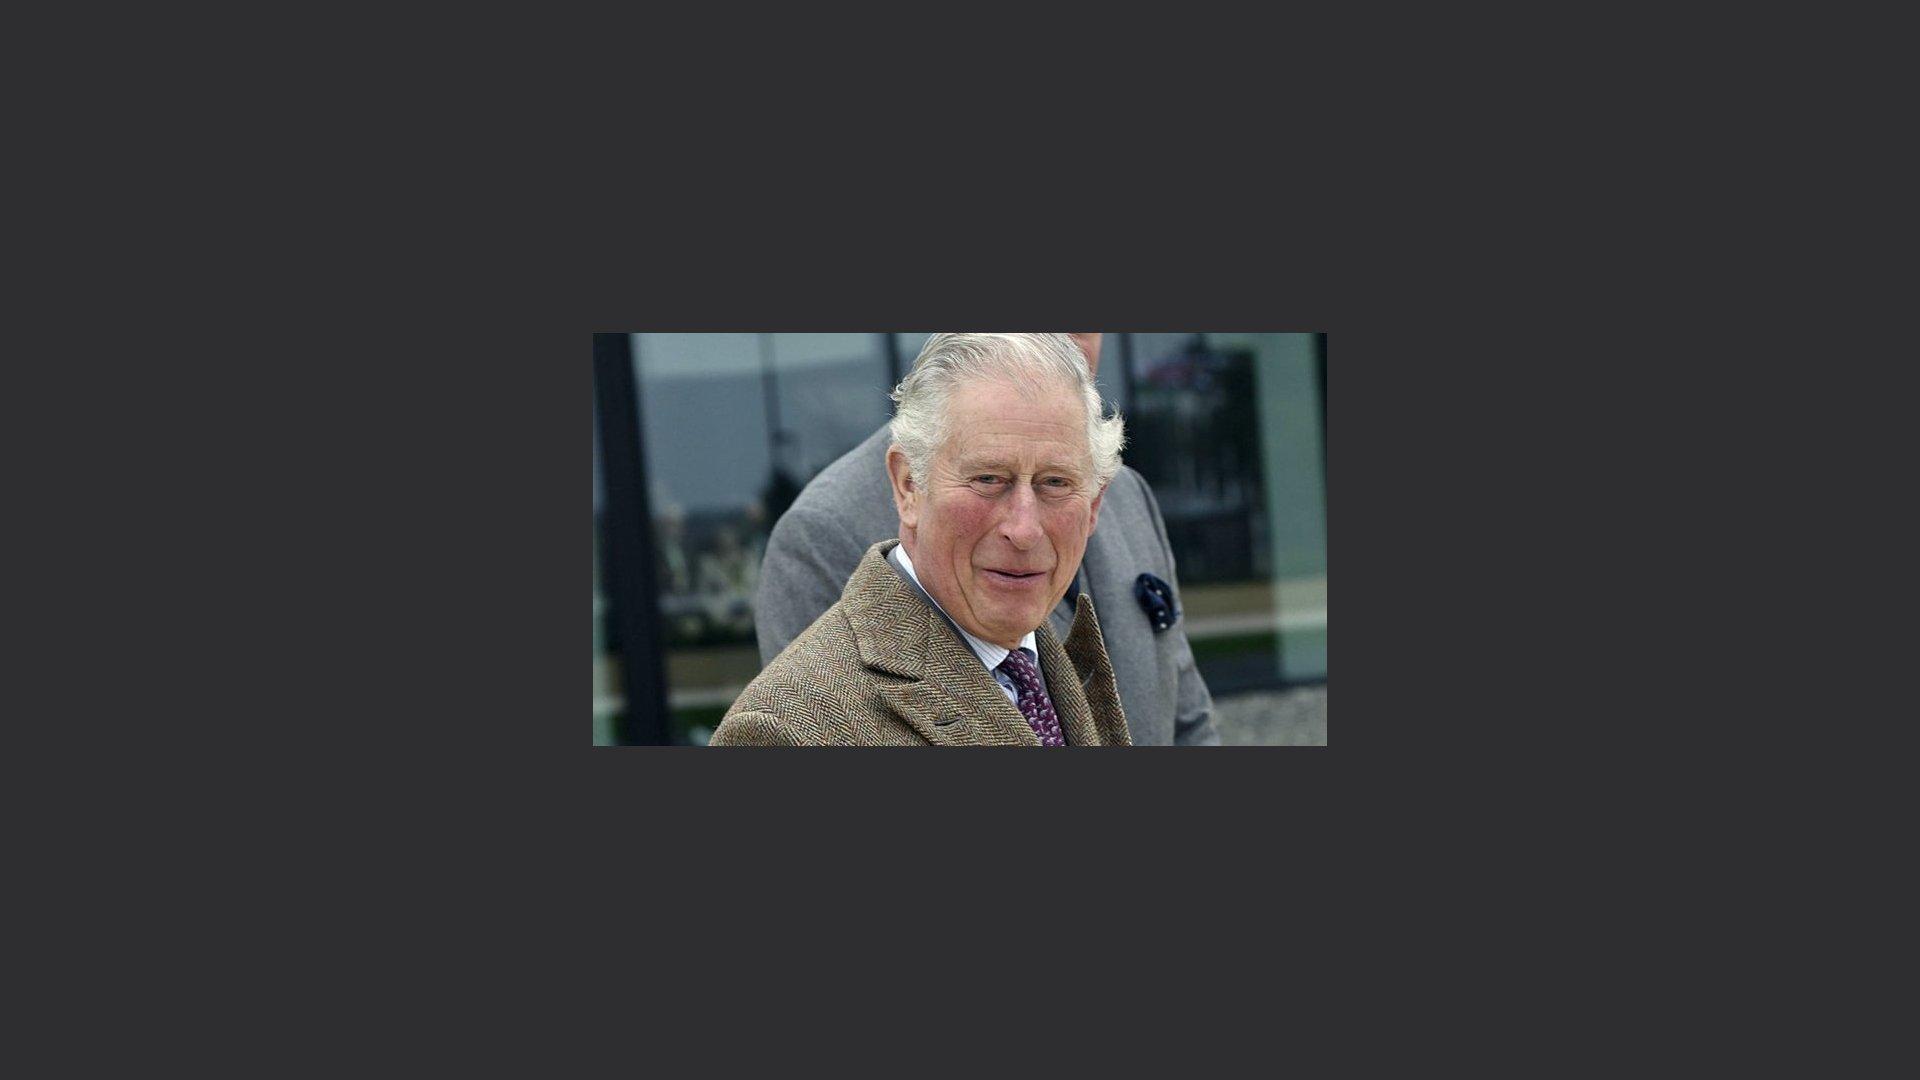 Coronavirus, positivo al test il principe Carlo, l'erede al trono britannico